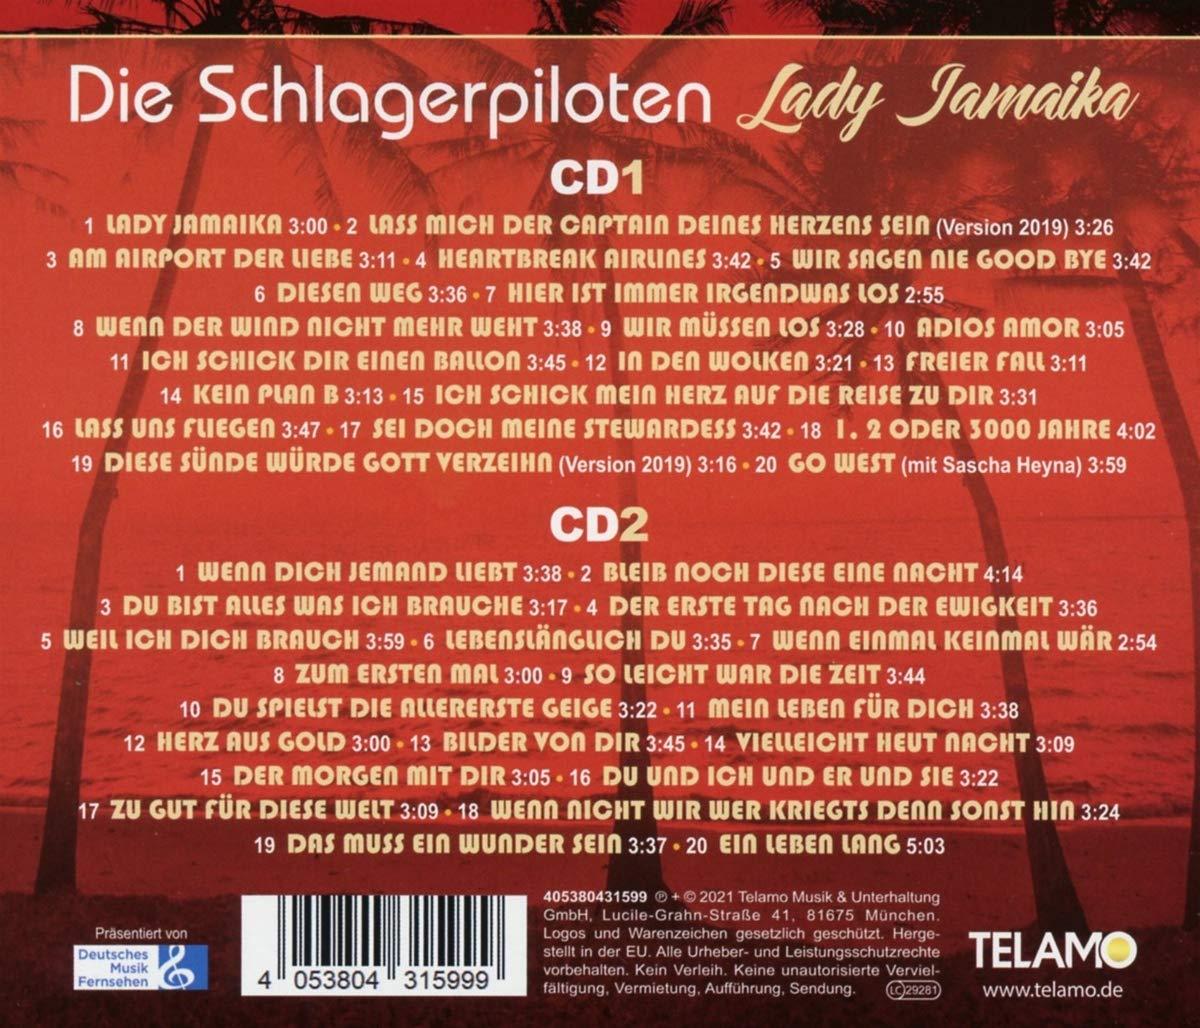 Die Schlagerpiloten - Lady Jamaika - Die schönsten Hits des Sommers (2021)